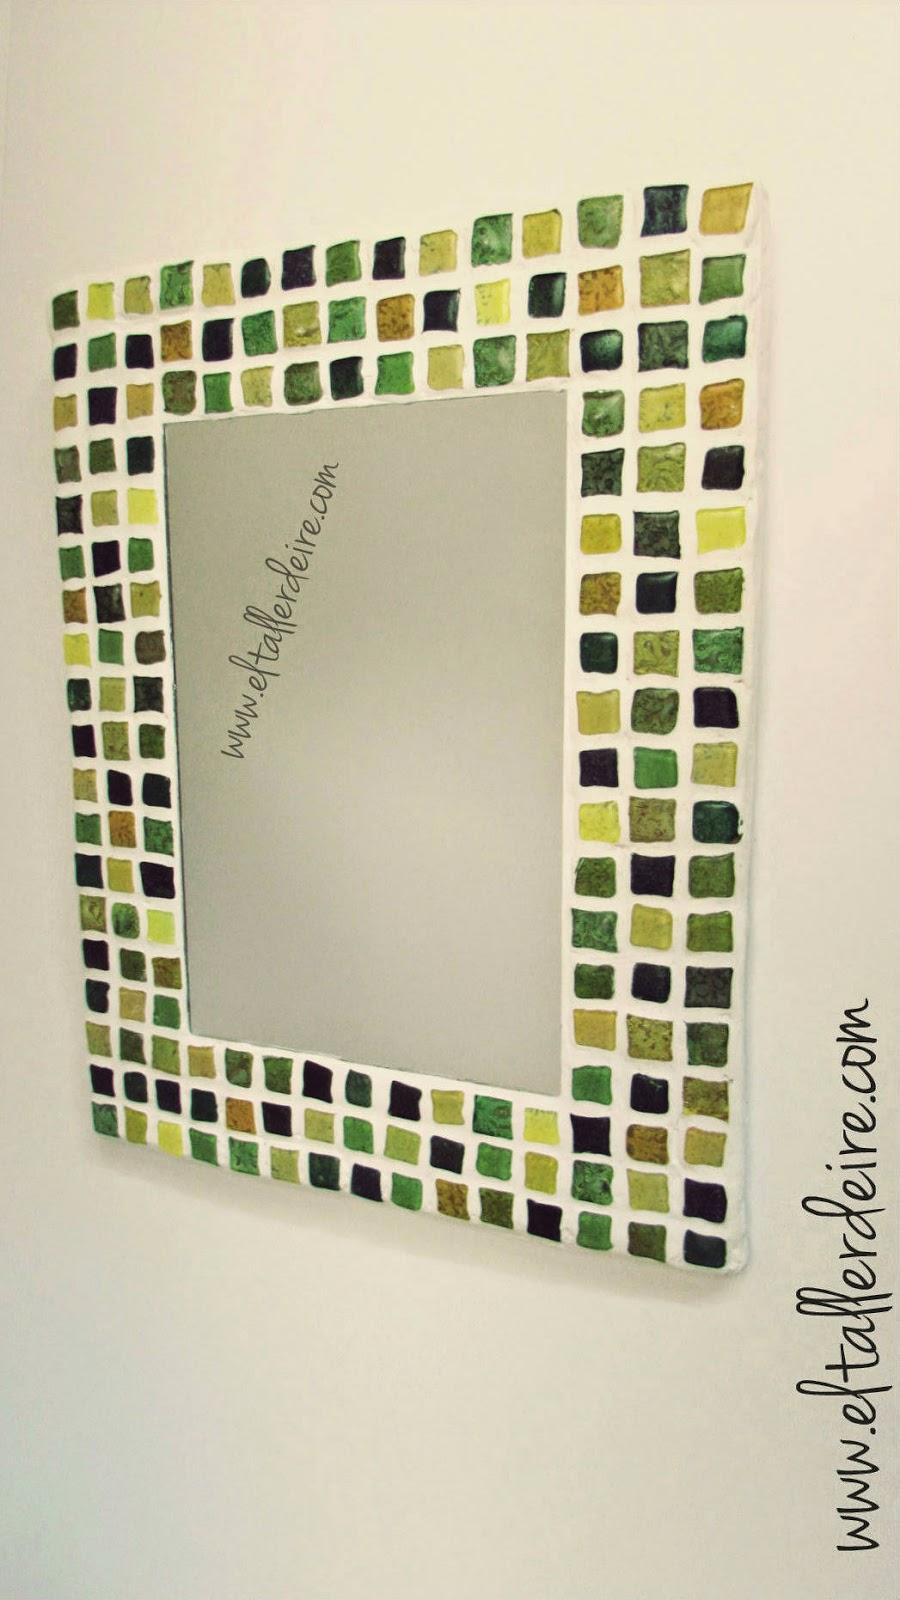 C mo hacer un espejo con mosaico el taller de ire for Pintura para hacer espejos